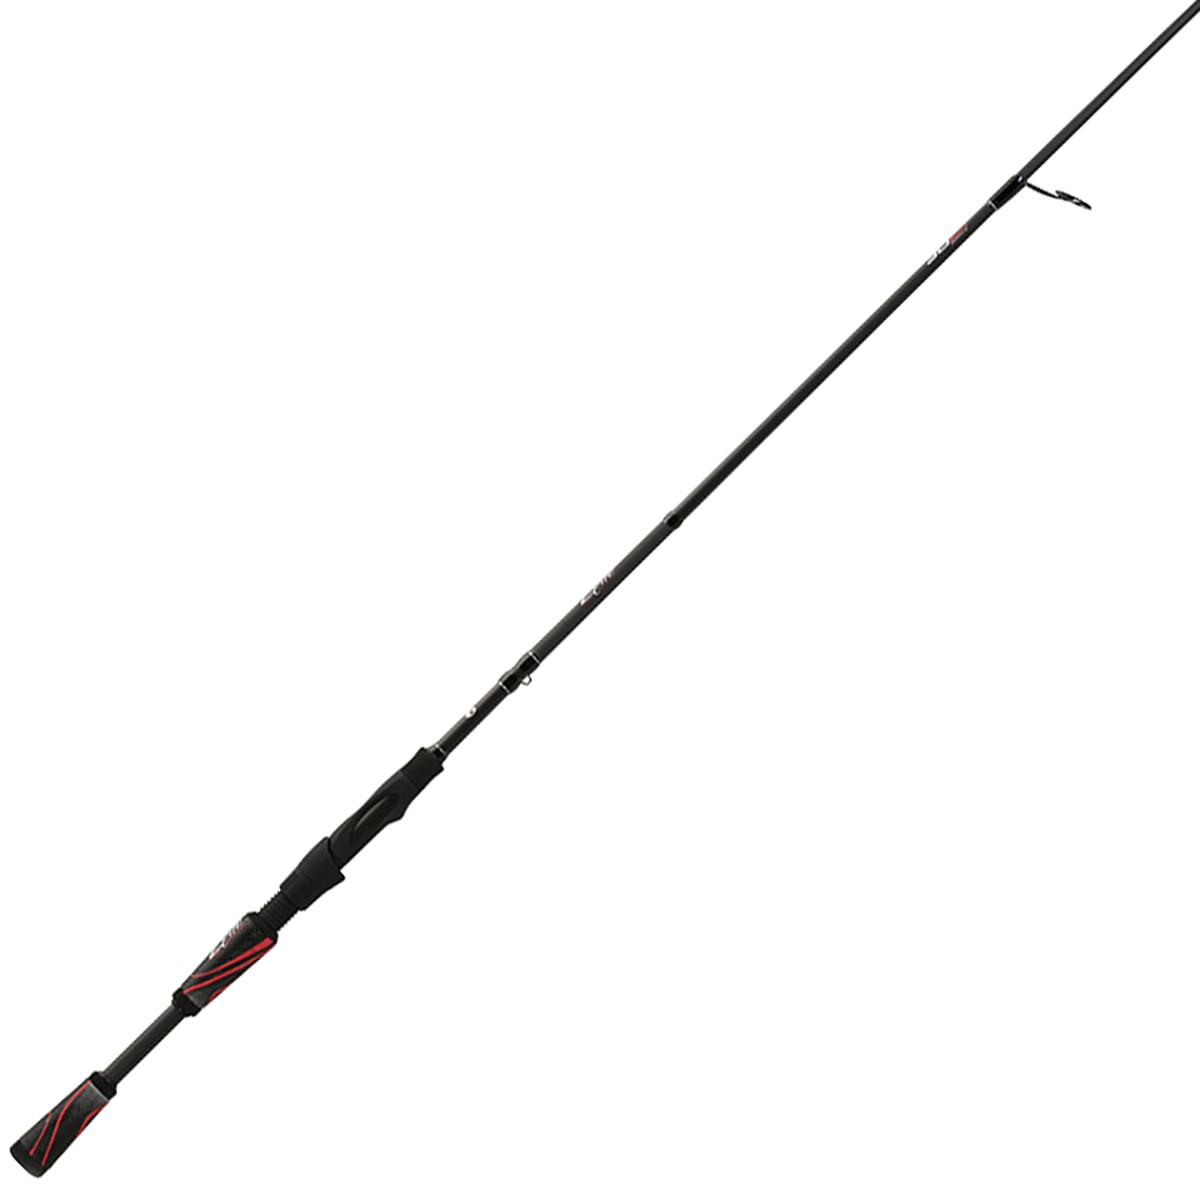 13 Fishing Elite Spin Rod